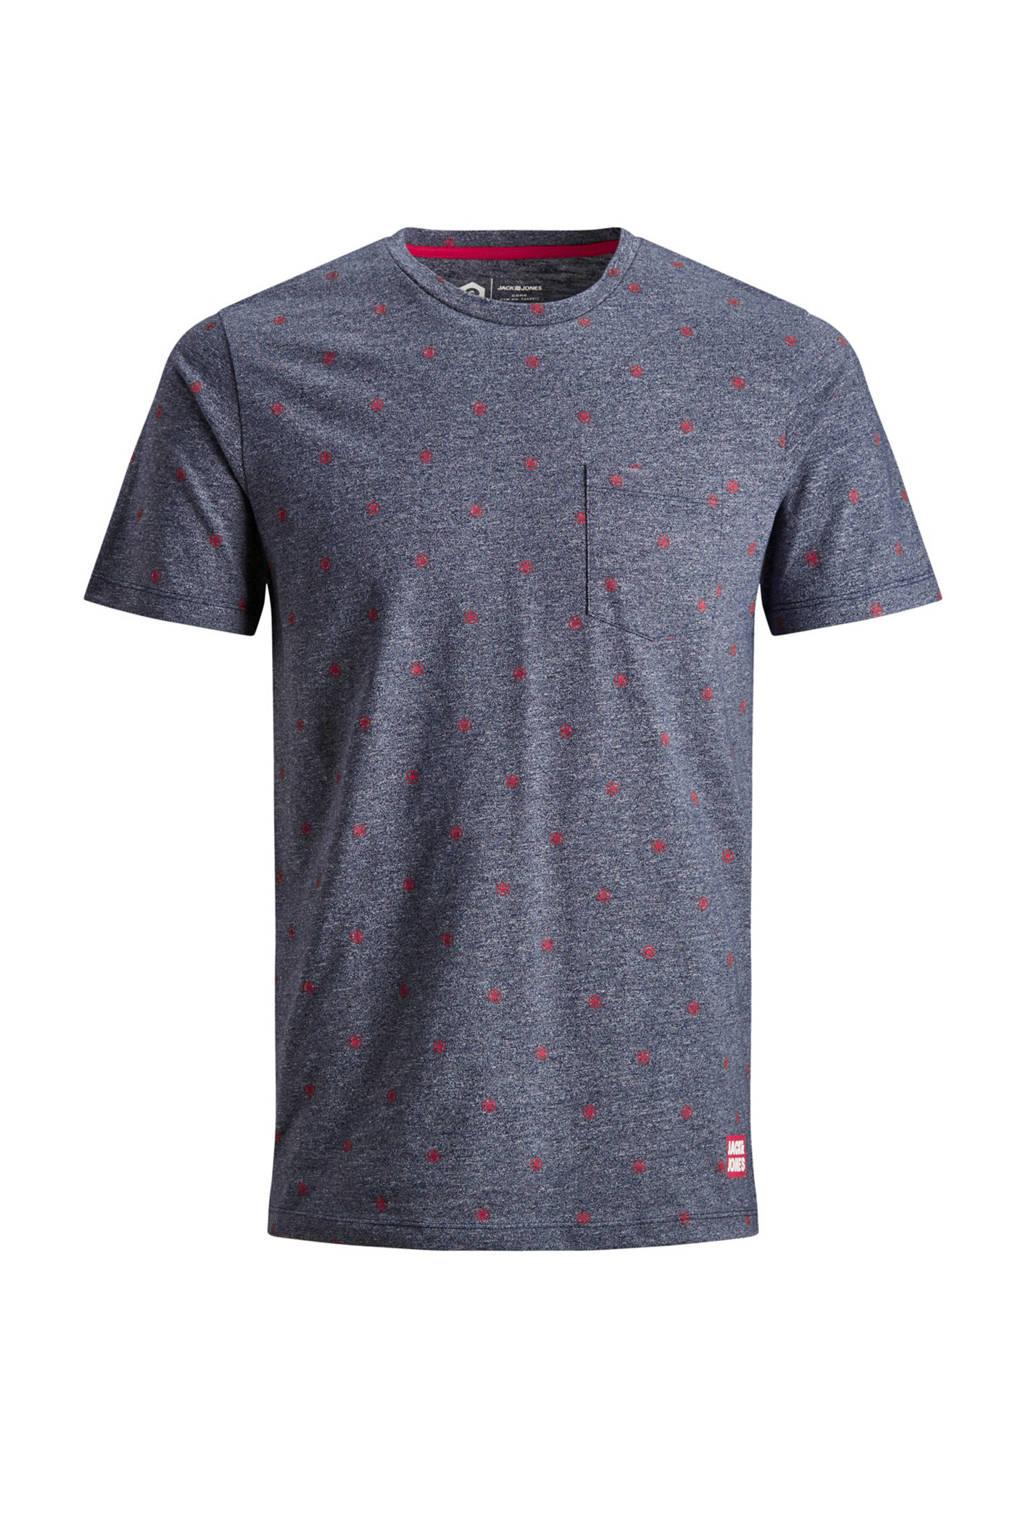 Jack & Jones Core gemêleerd T-shirt met all over print, Marine